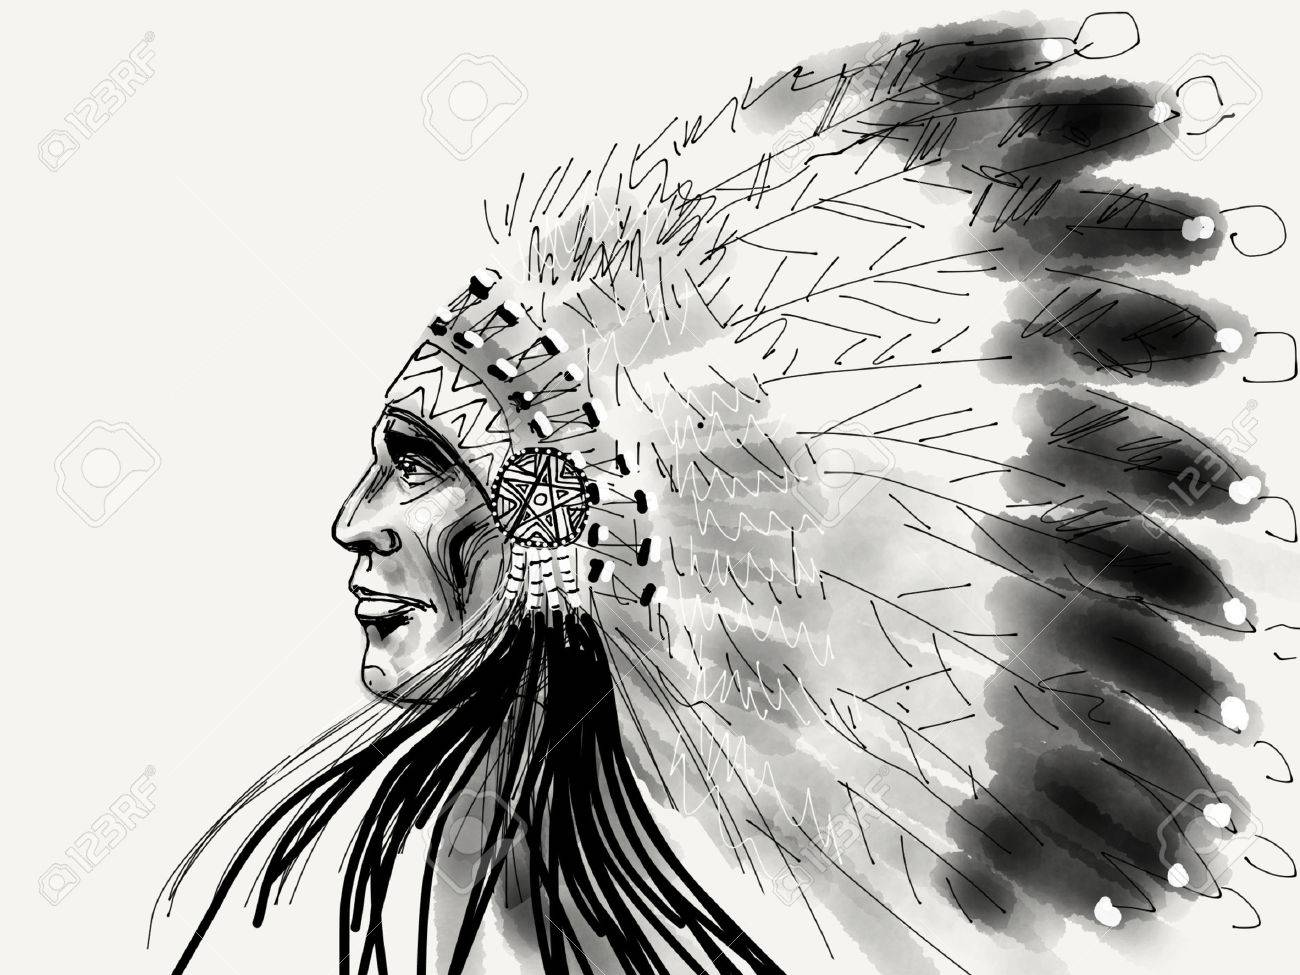 Indianerhäuptling Lizenzfreie Fotos, Bilder Und Stock Fotografie. Image  60825561.